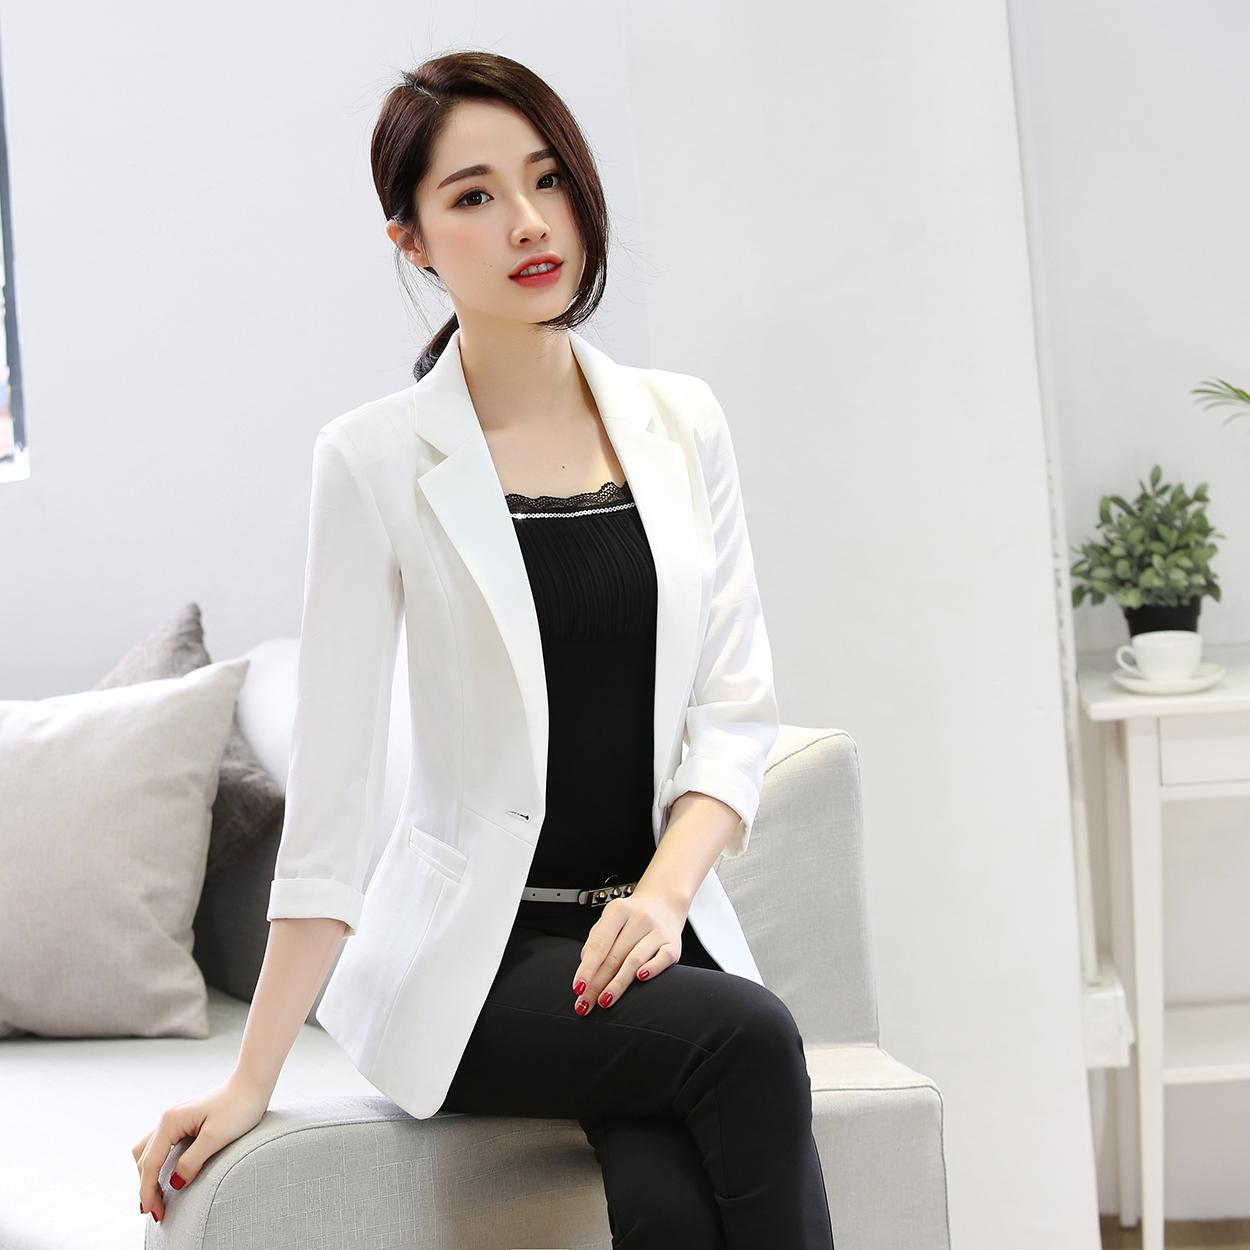 Harga Jas Wanita Klasik Lengan Sepertujuh Model Korea Putih Lengkap